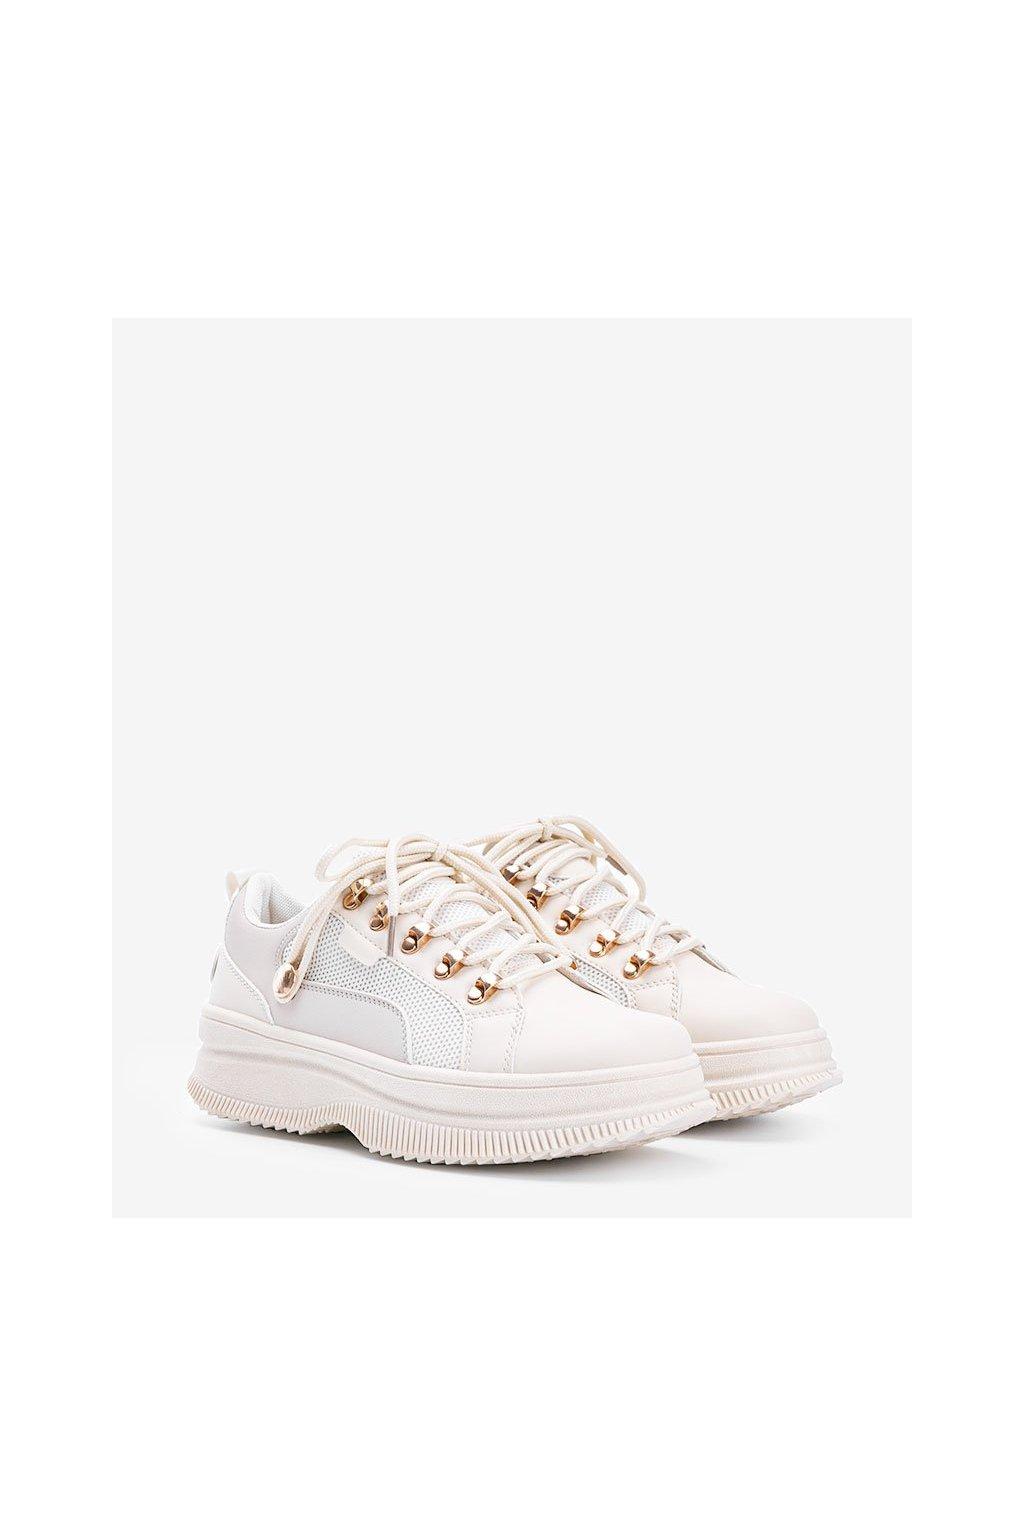 Dámske topánky tenisky hnedé kód 2060 - GM